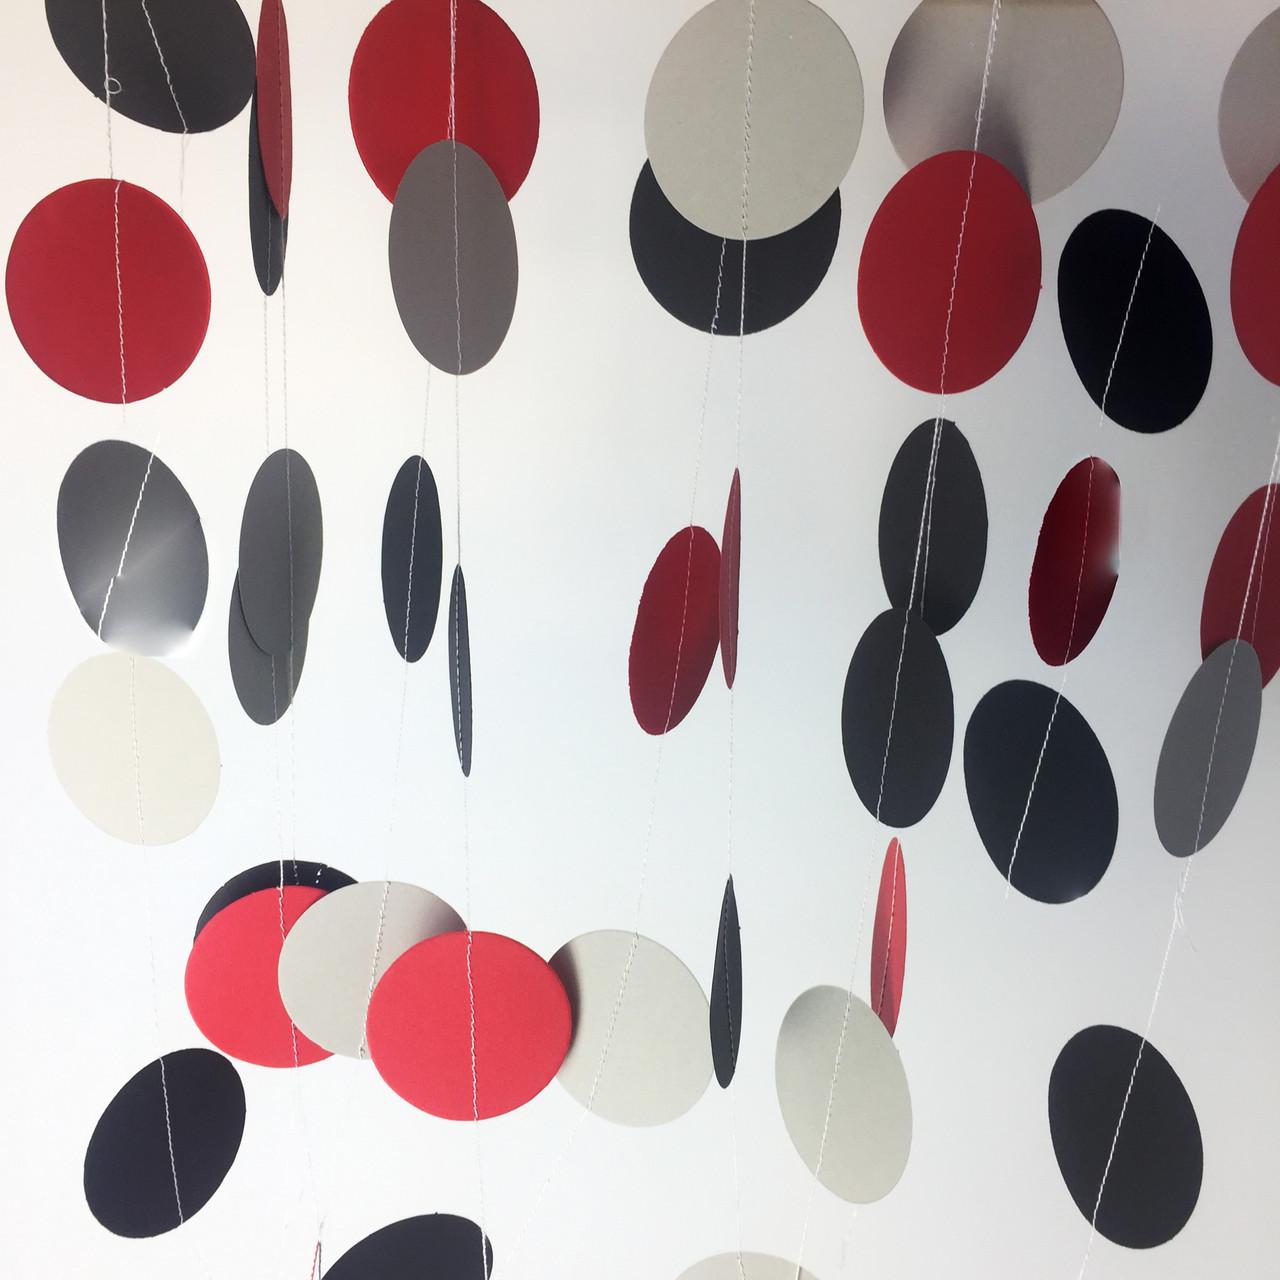 Бумажная гирлянда из кружков 2 метра белый красный и серый